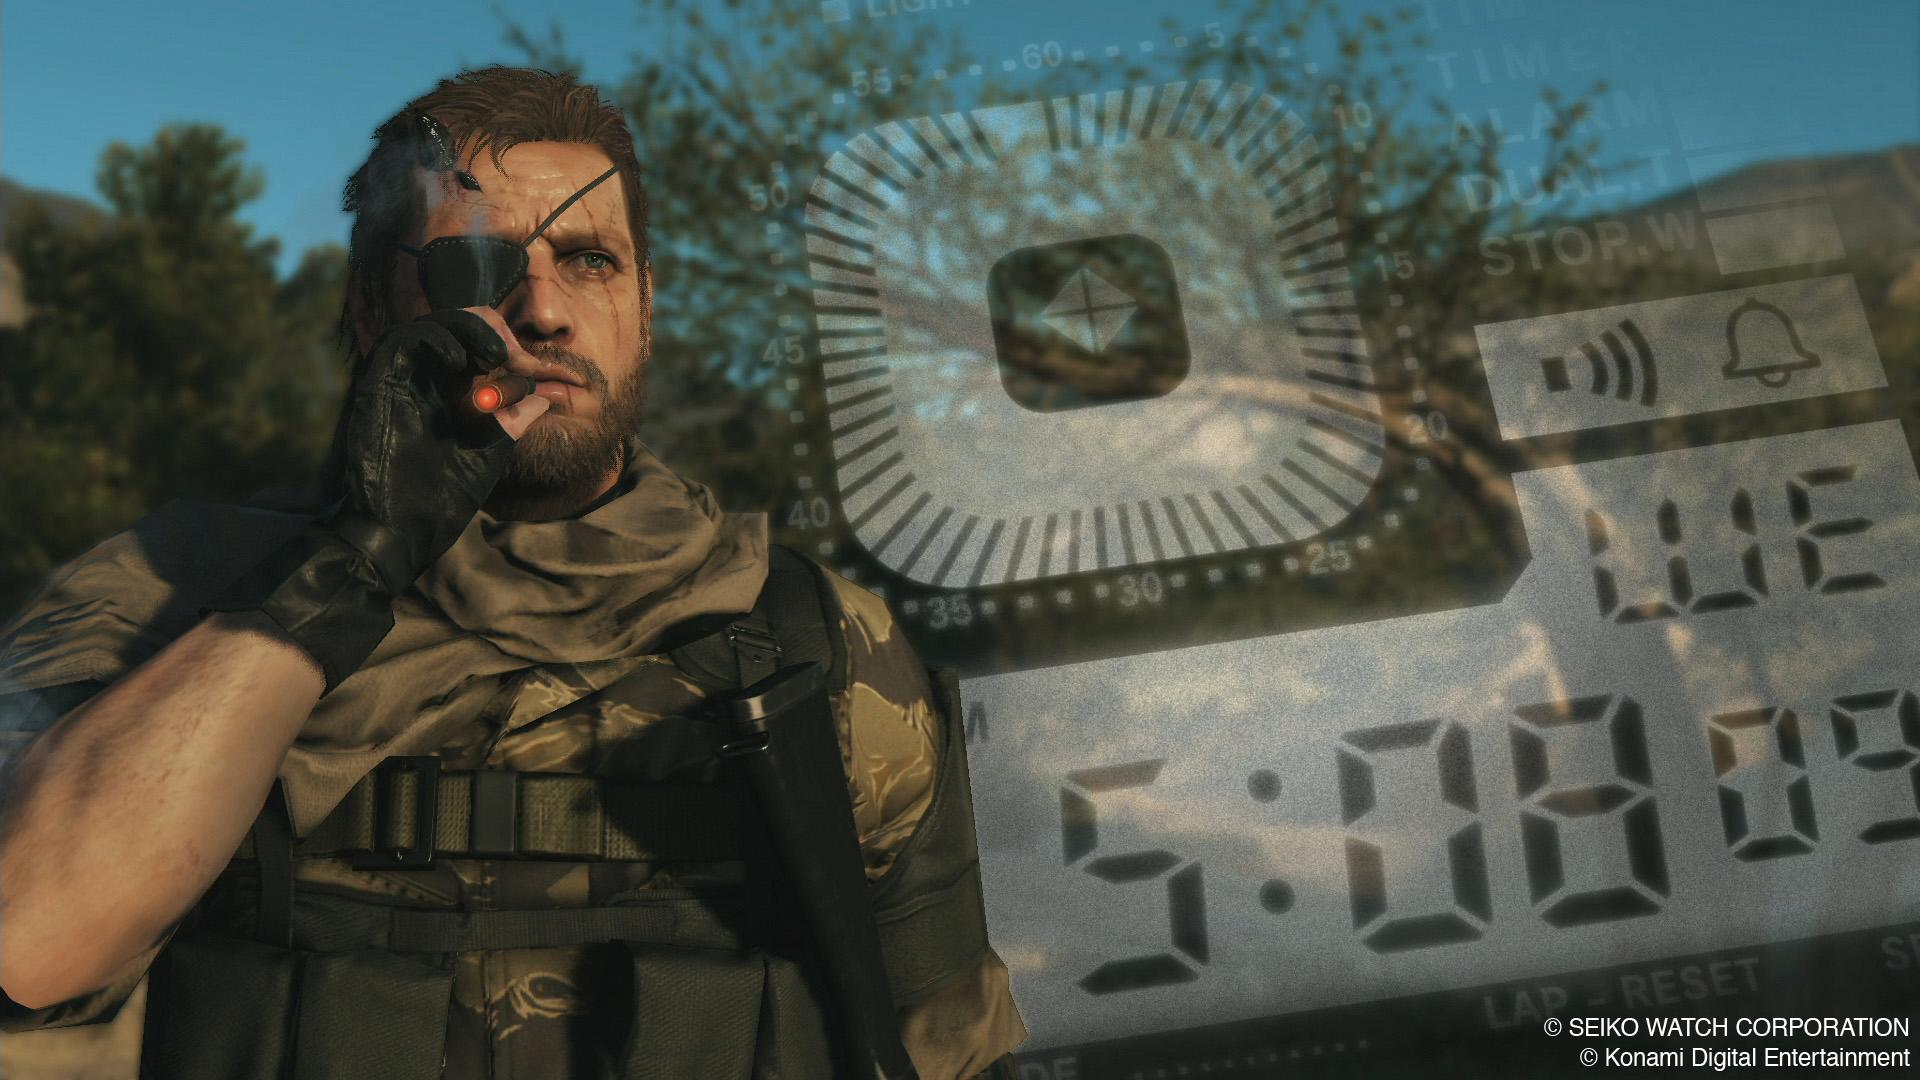 Metal Gear Solid V Wallpaper 11 Wallpapersbq